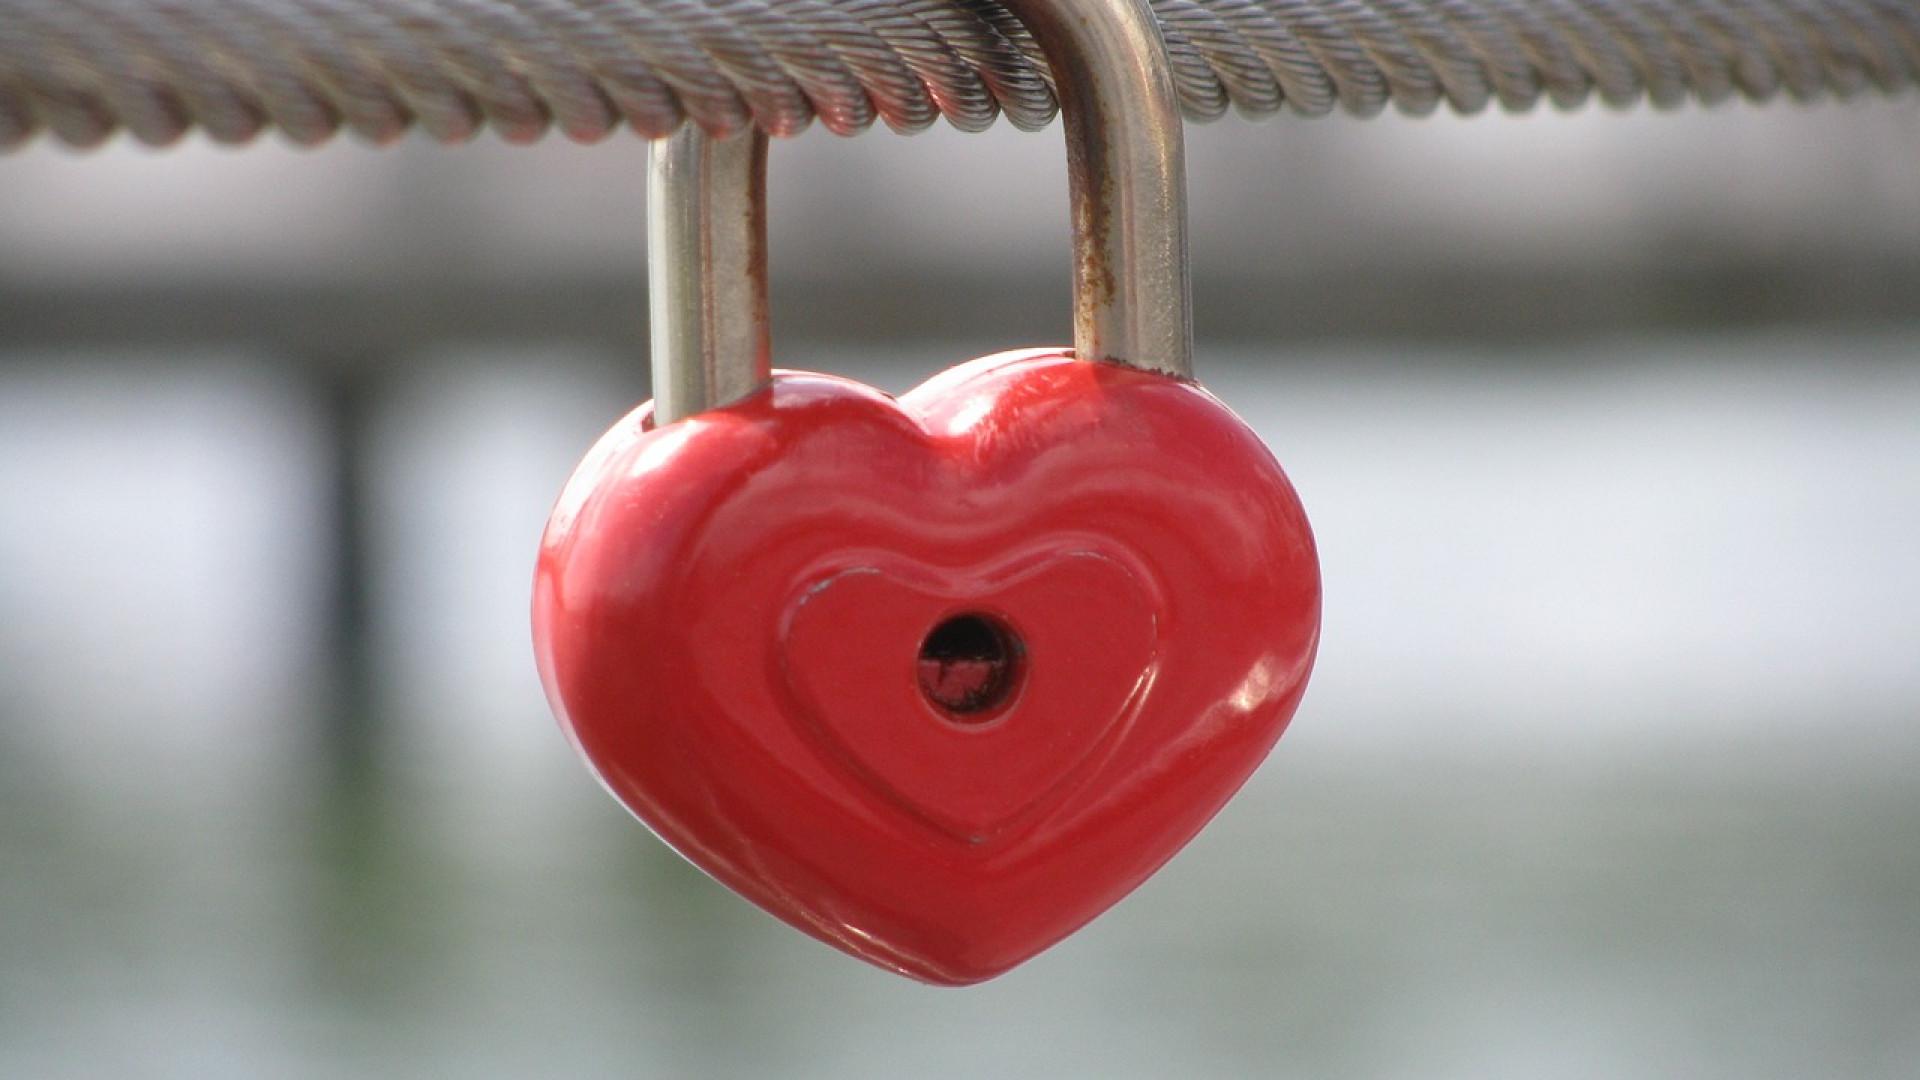 98f6c20d855638fbd36e51dd96b93dcc - Sites de rencontres, l'amour se trouve quelque part sur internet